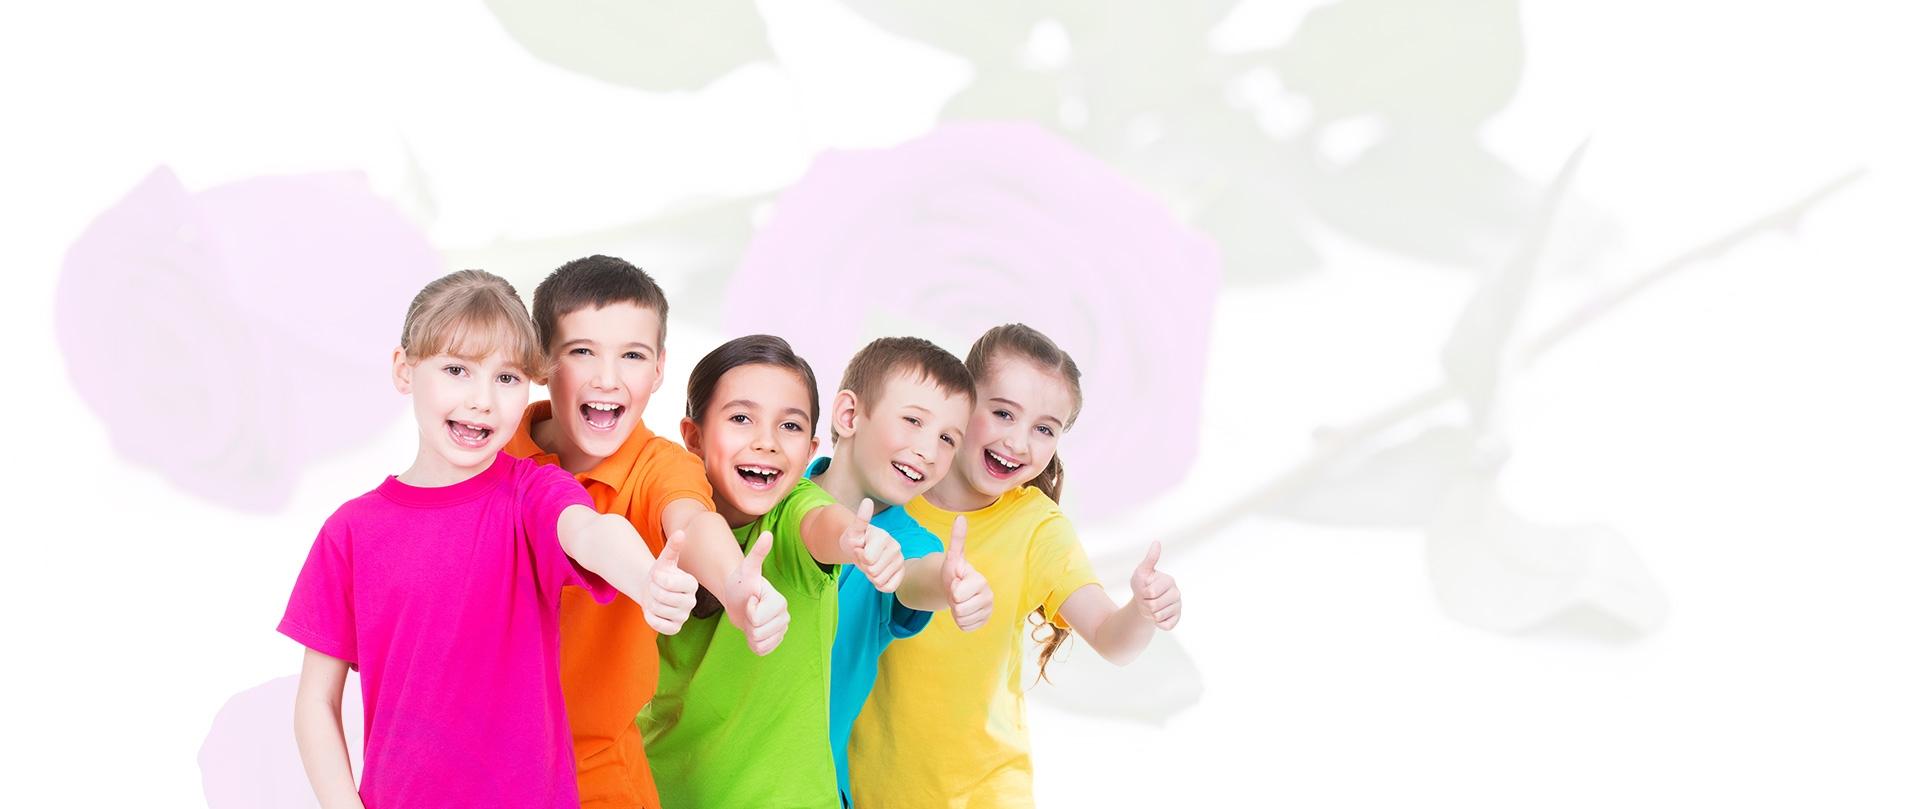 Dentista para niños en Elche - Gustavo Garcia del Rio